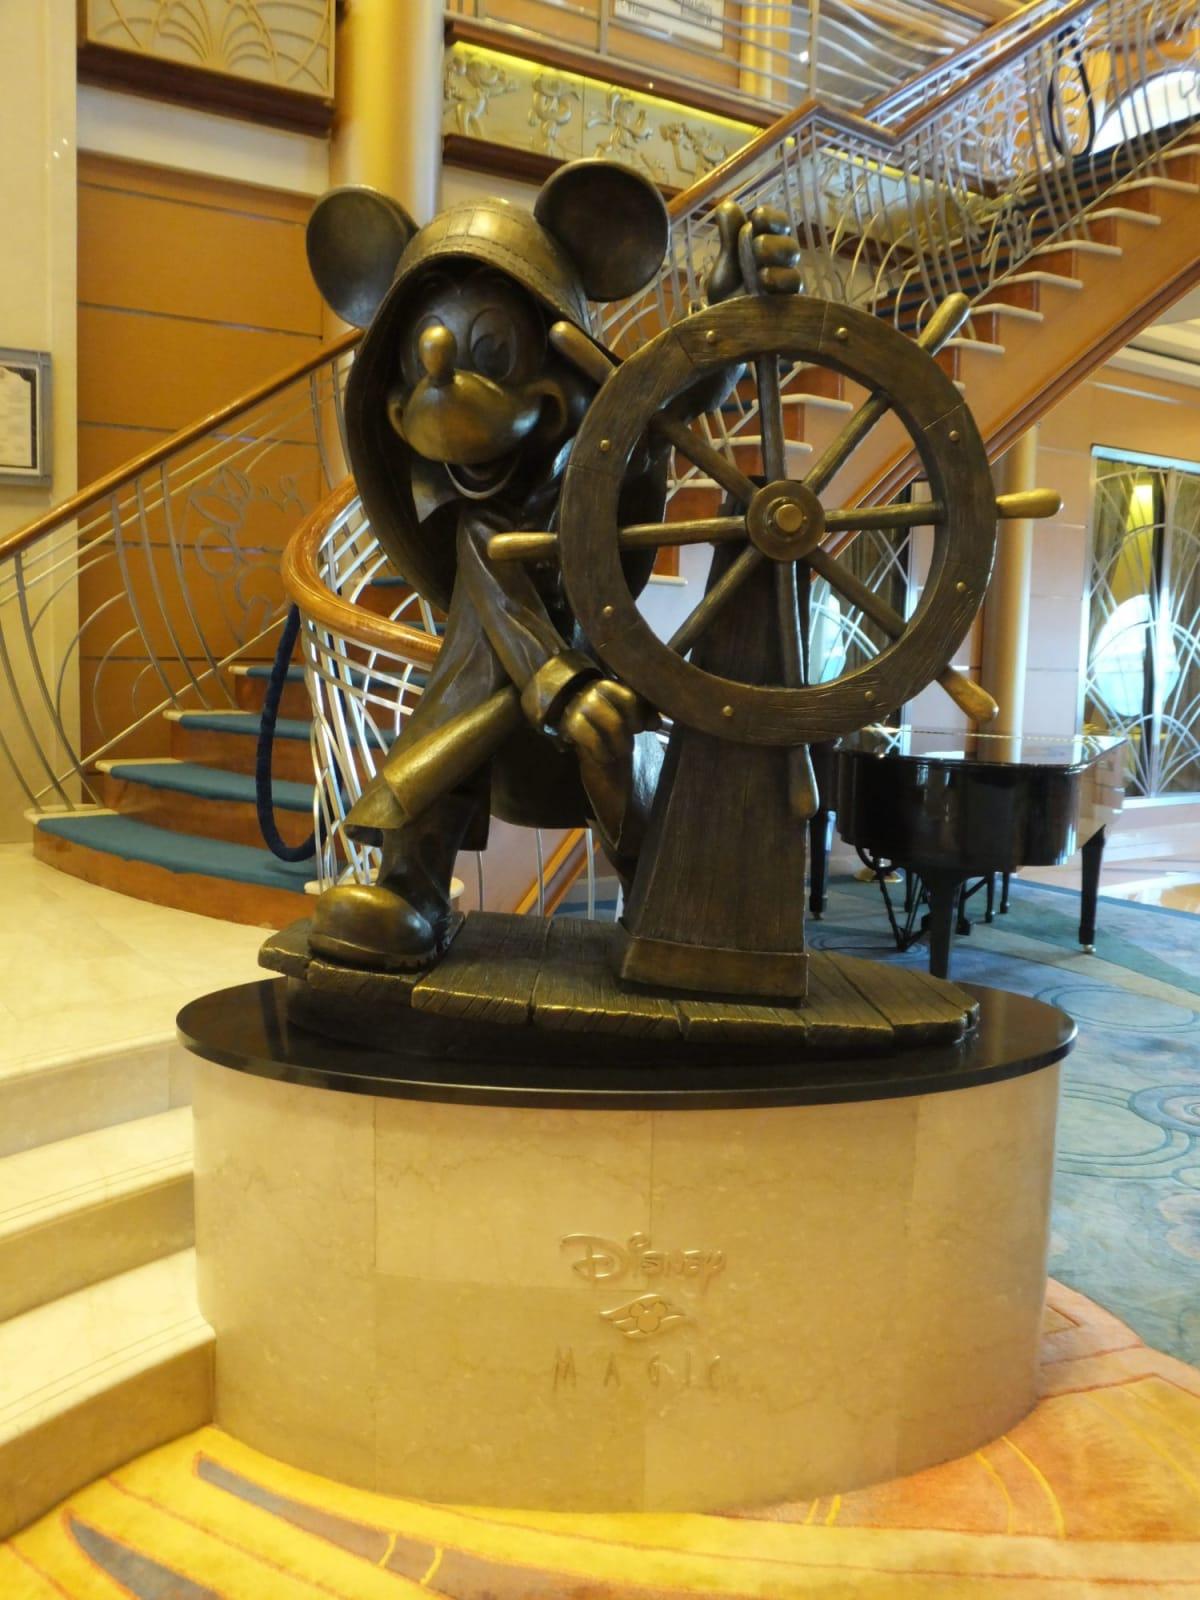 Majic号のブロンズ像はミッキー♪ | 客船ディズニー・マジックの船内施設